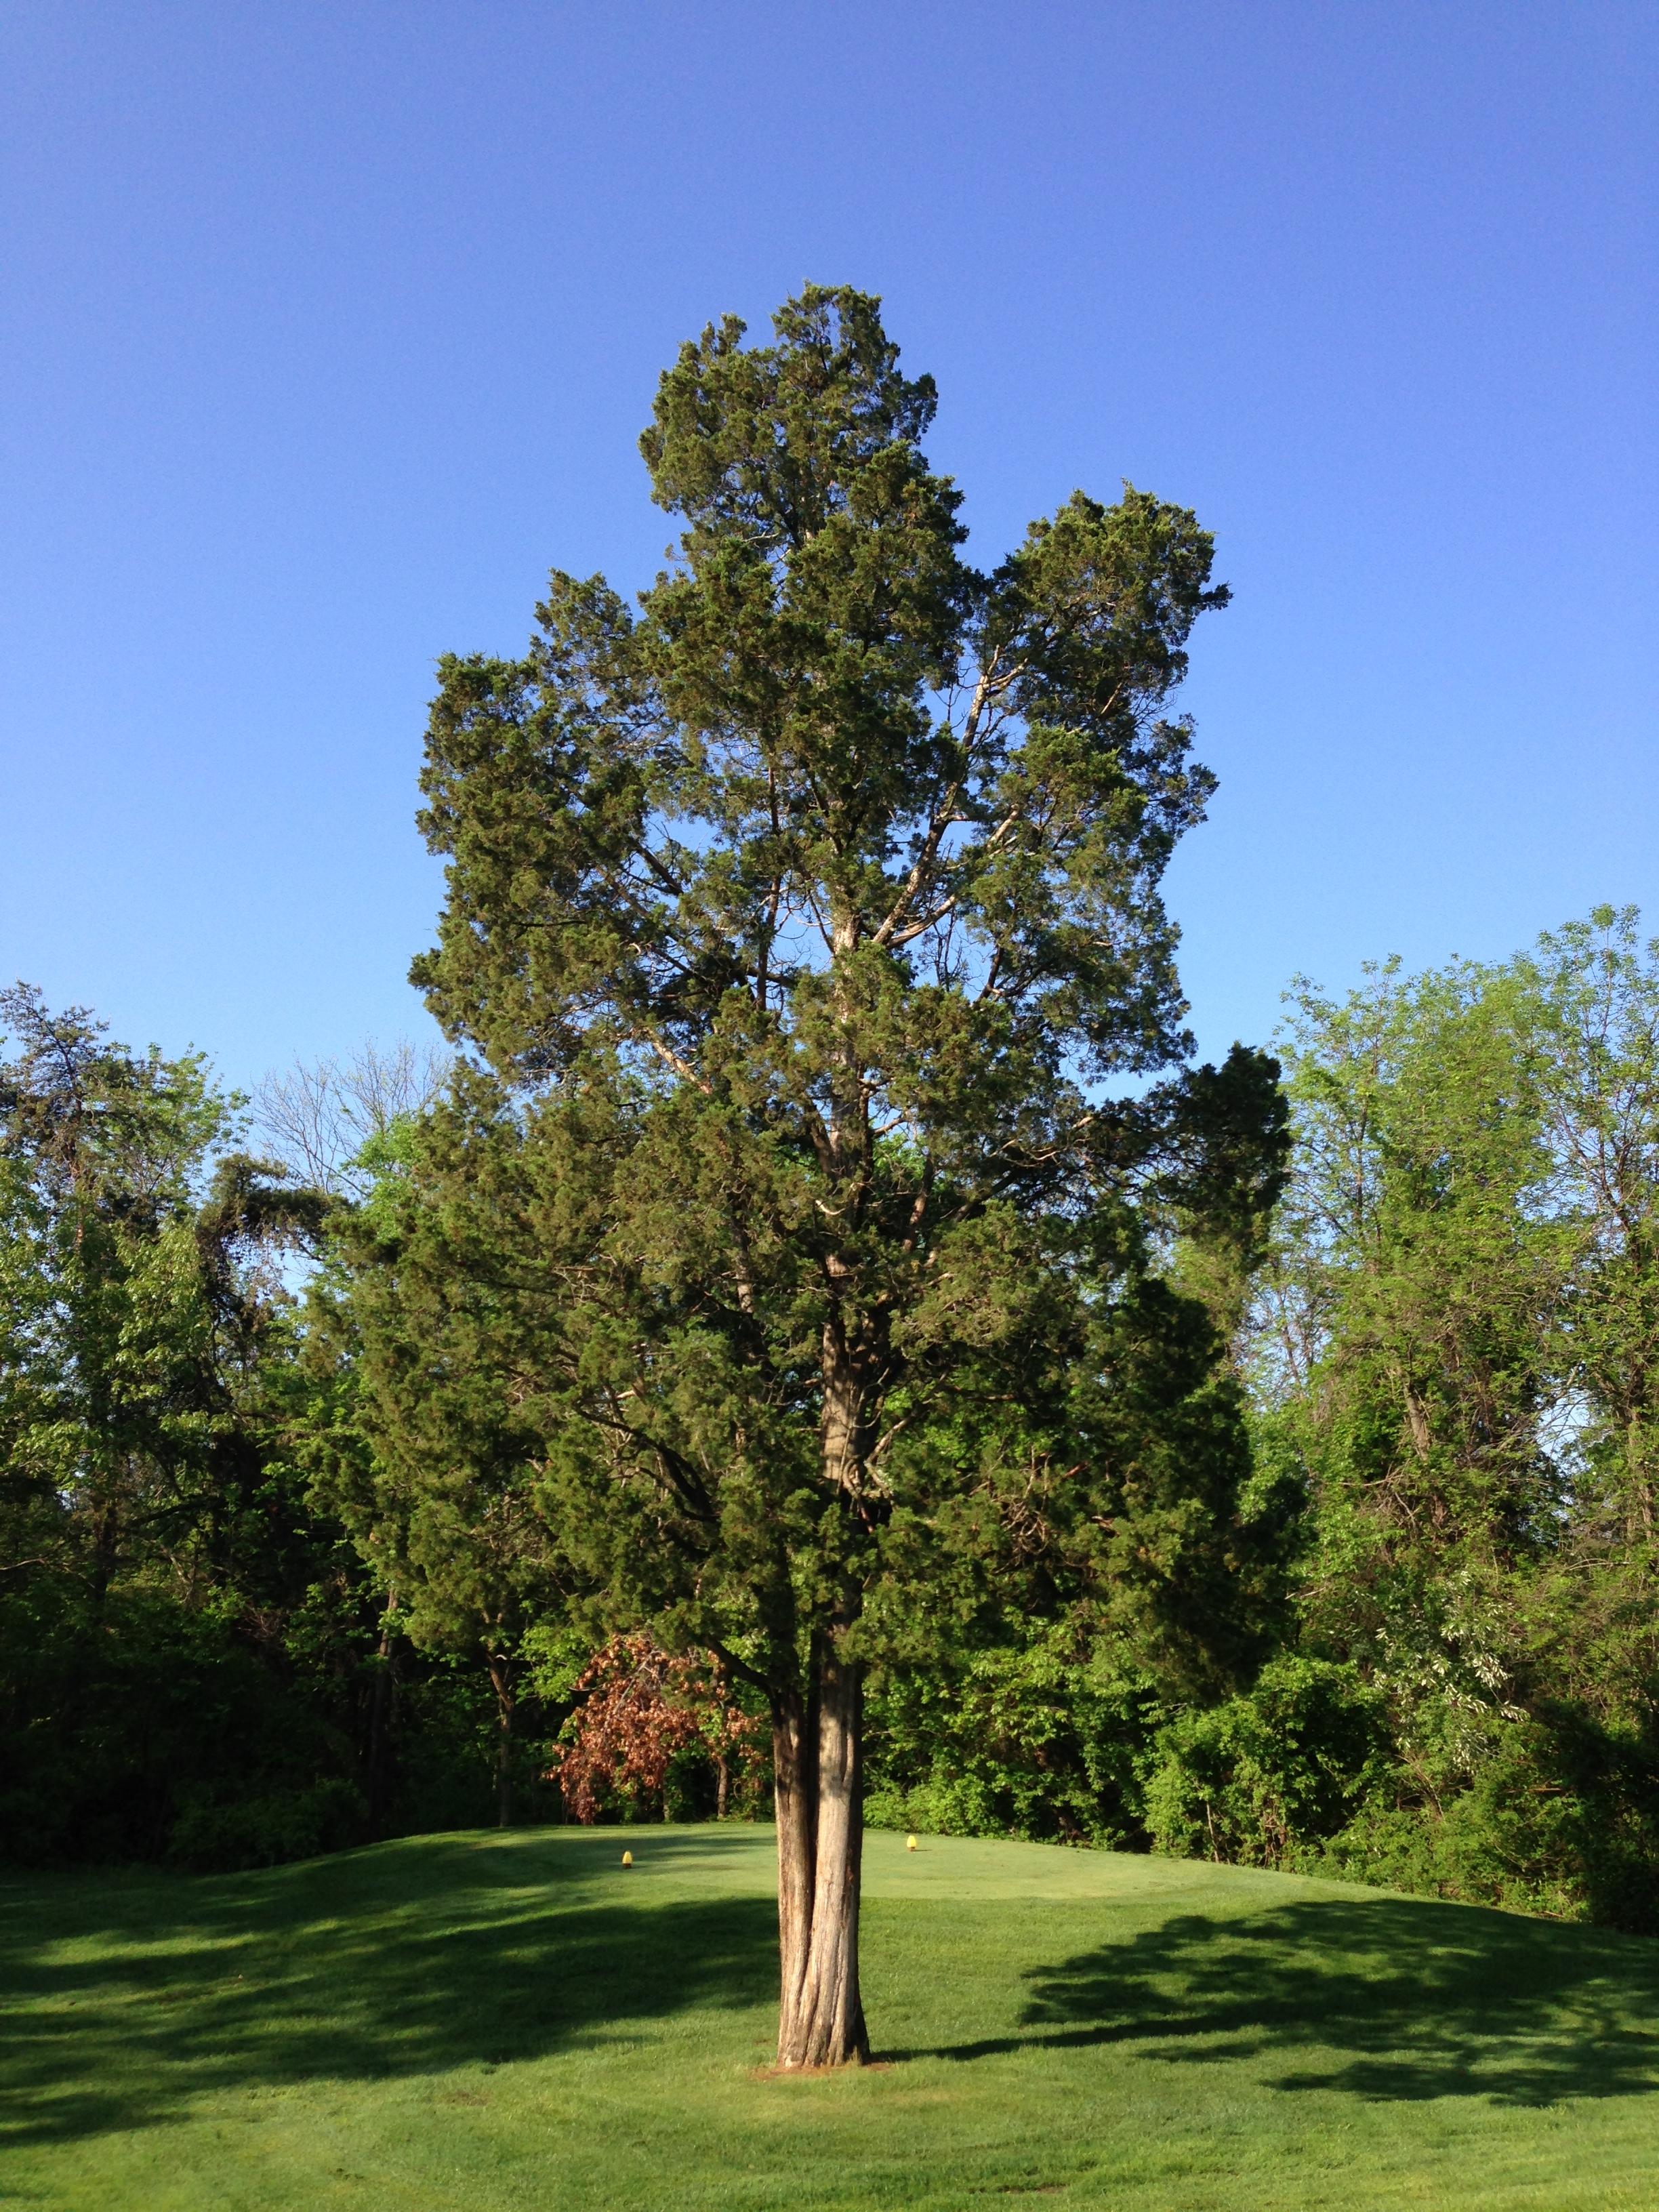 cd7c0ed781ef6 Juniperus virginiana - Wikipedia